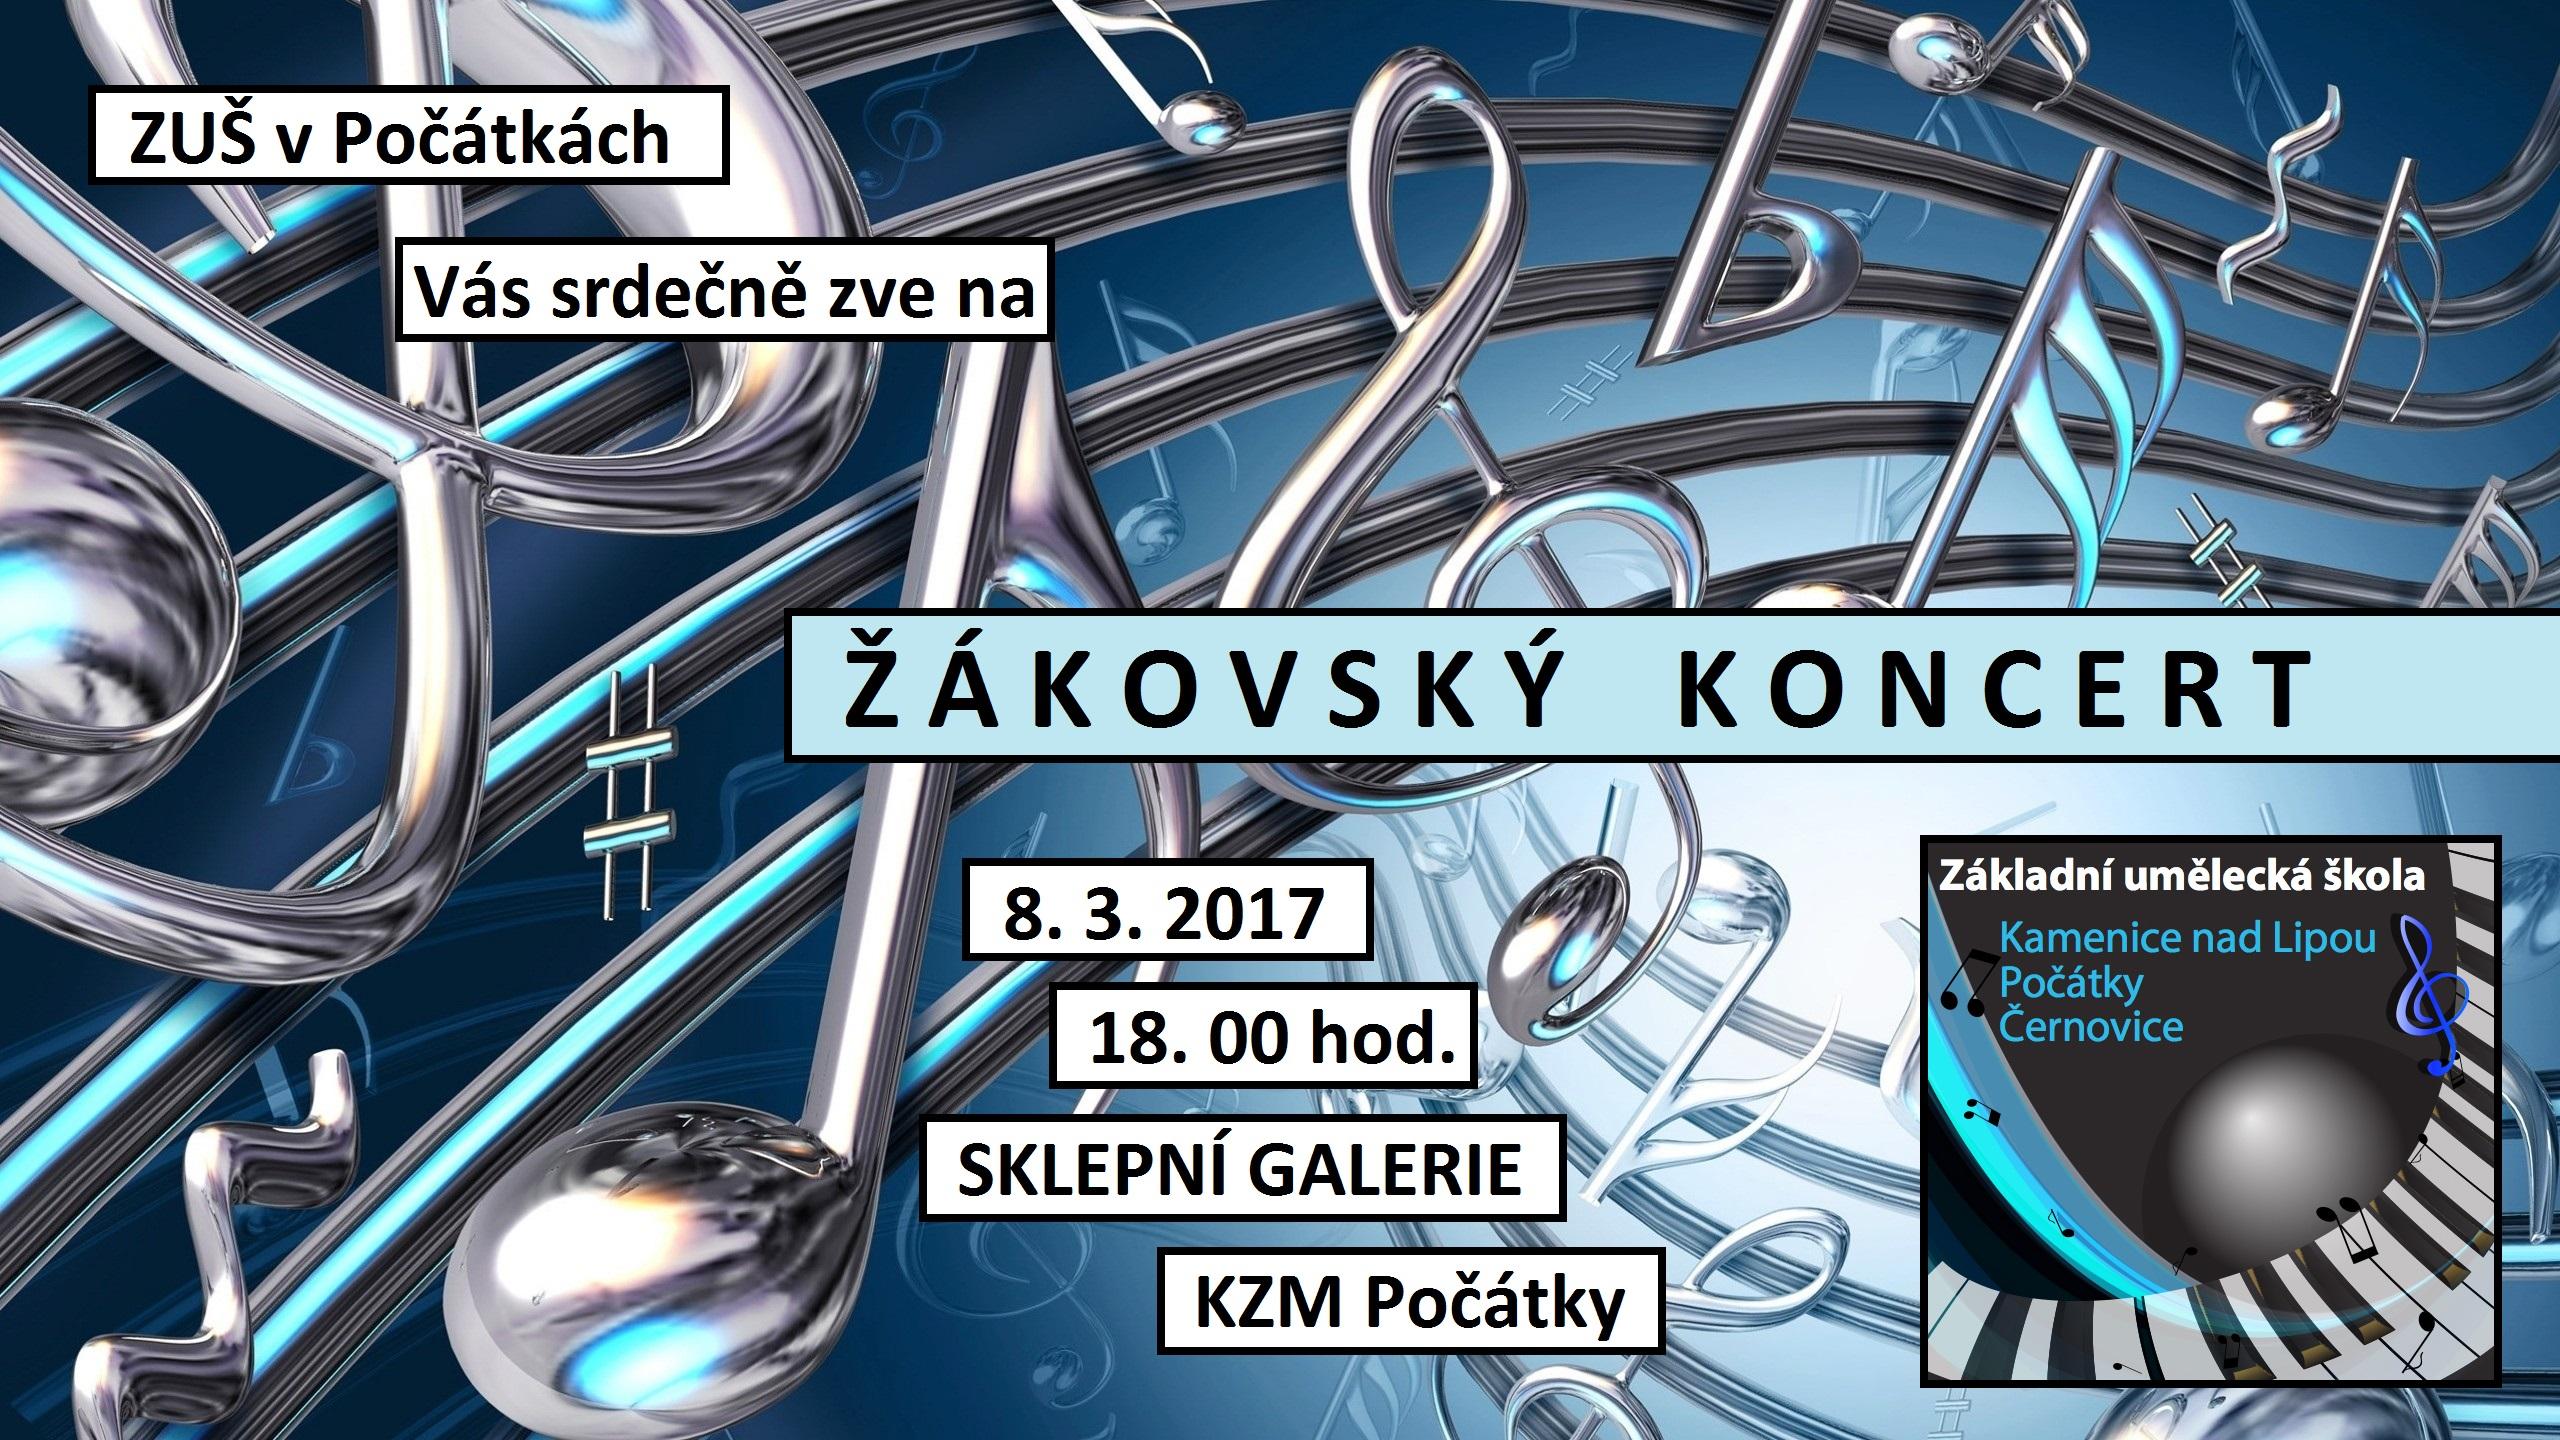 8. 3. 2017 - ŽÁKOVSKÝ KONCERT POČÁTKY